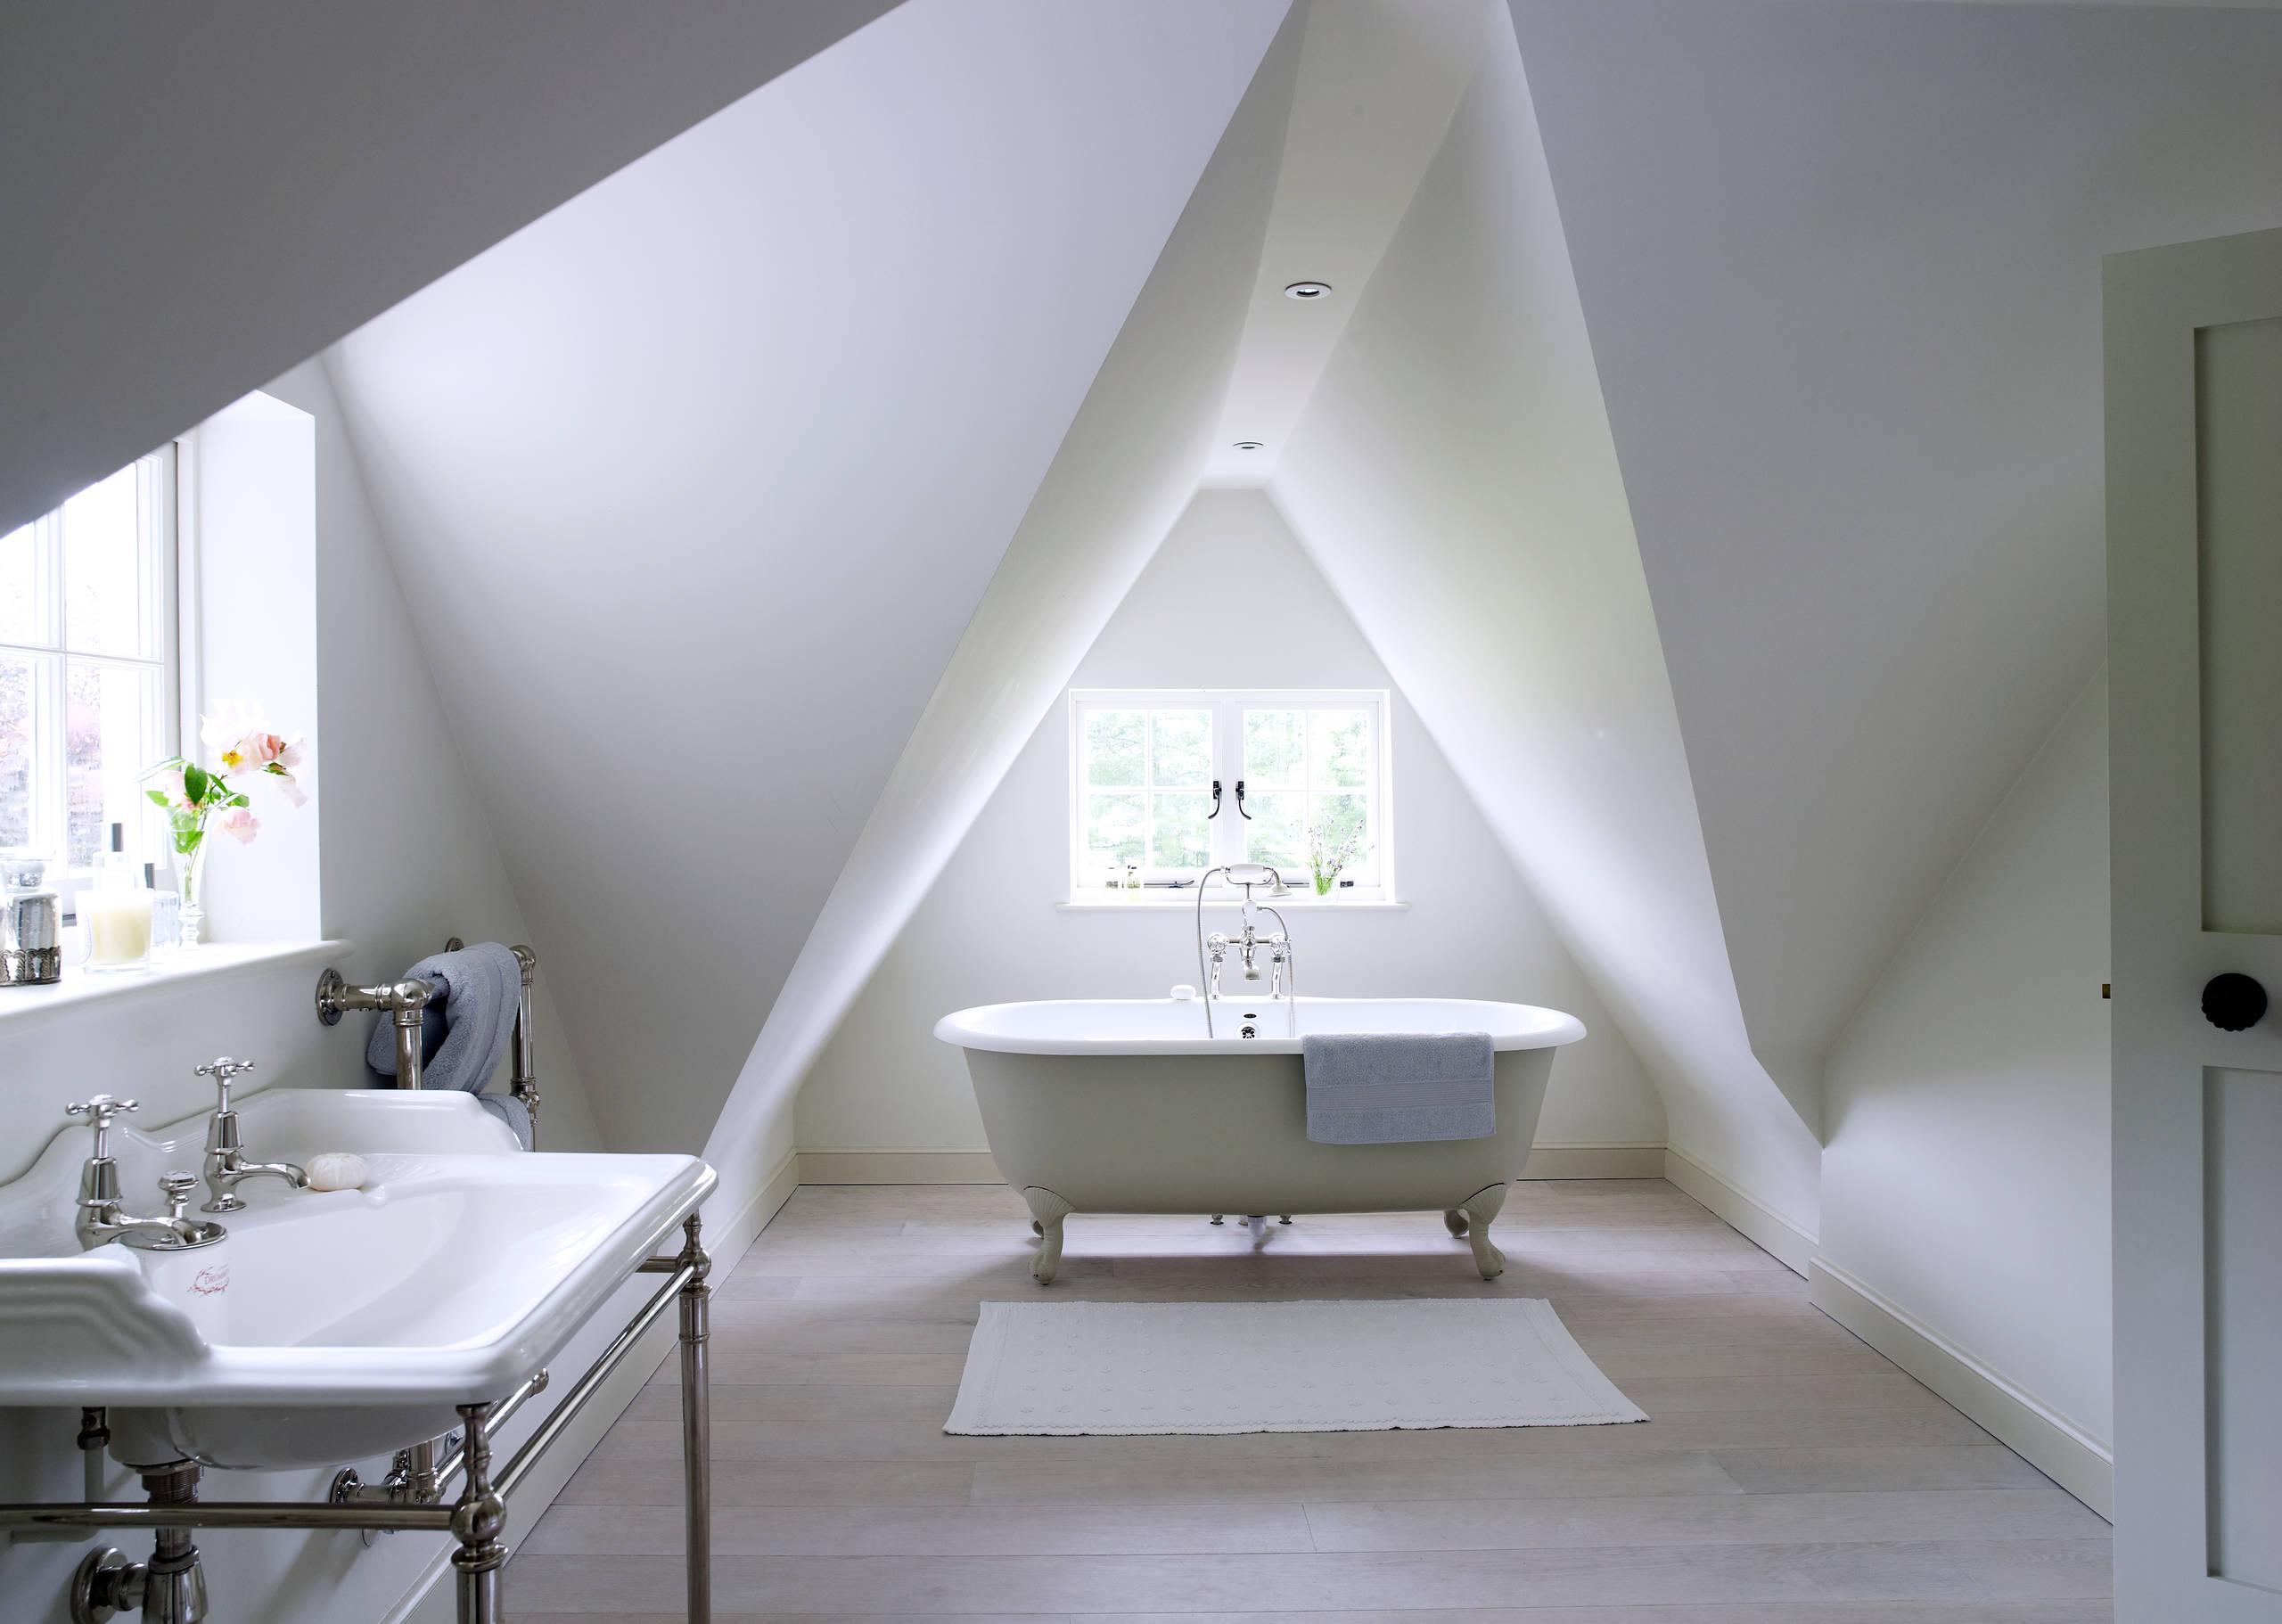 Badezimmer mit Dachschräge 20 Tipps für Dusche & Badewanne